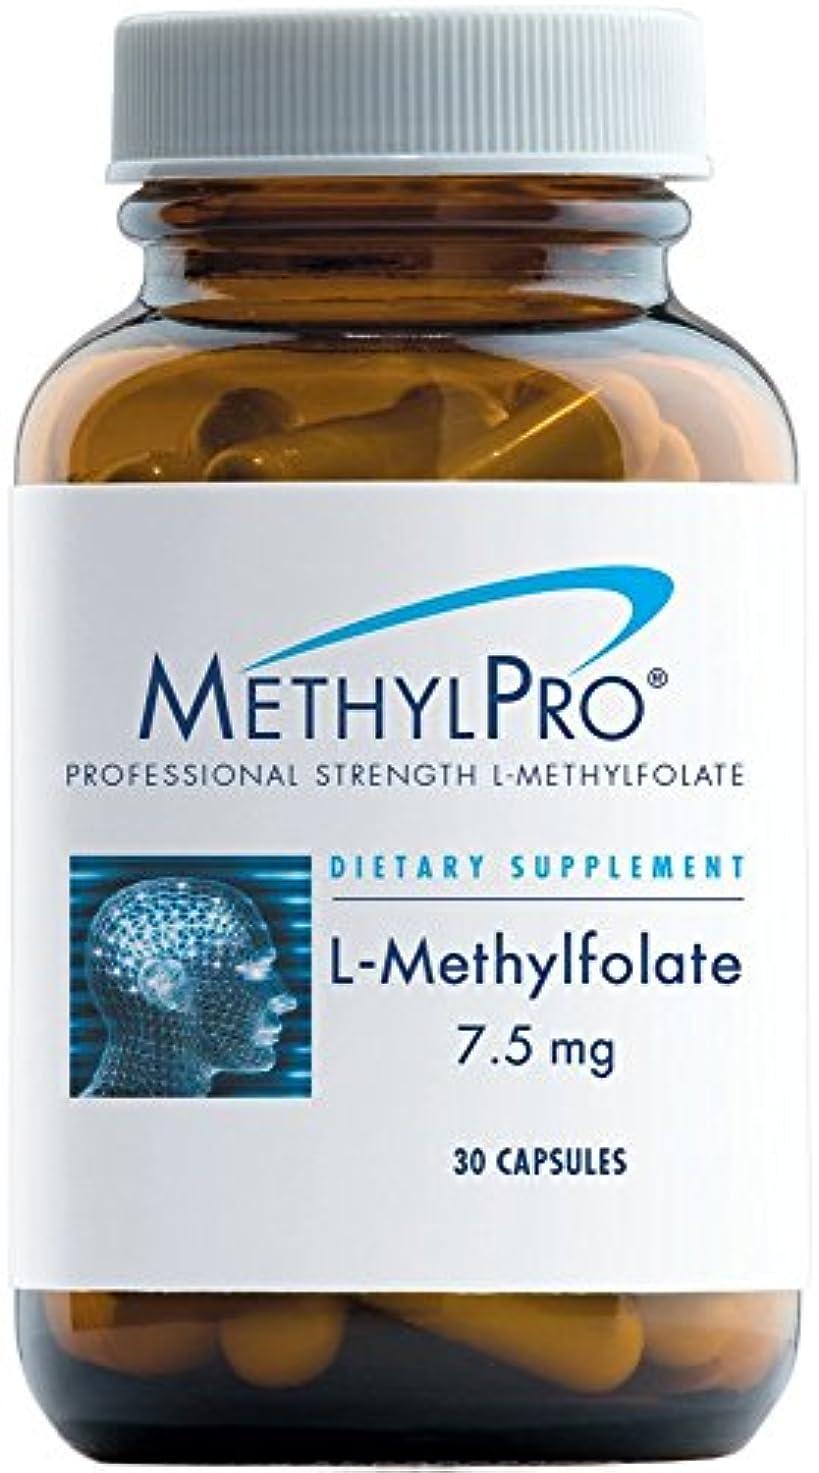 女優死にかけているサドルMethylPro L-メチル葉酸 7.5 ミリグラム - プロ 強さ 非 GMO + ビーガン (30 カプセル)